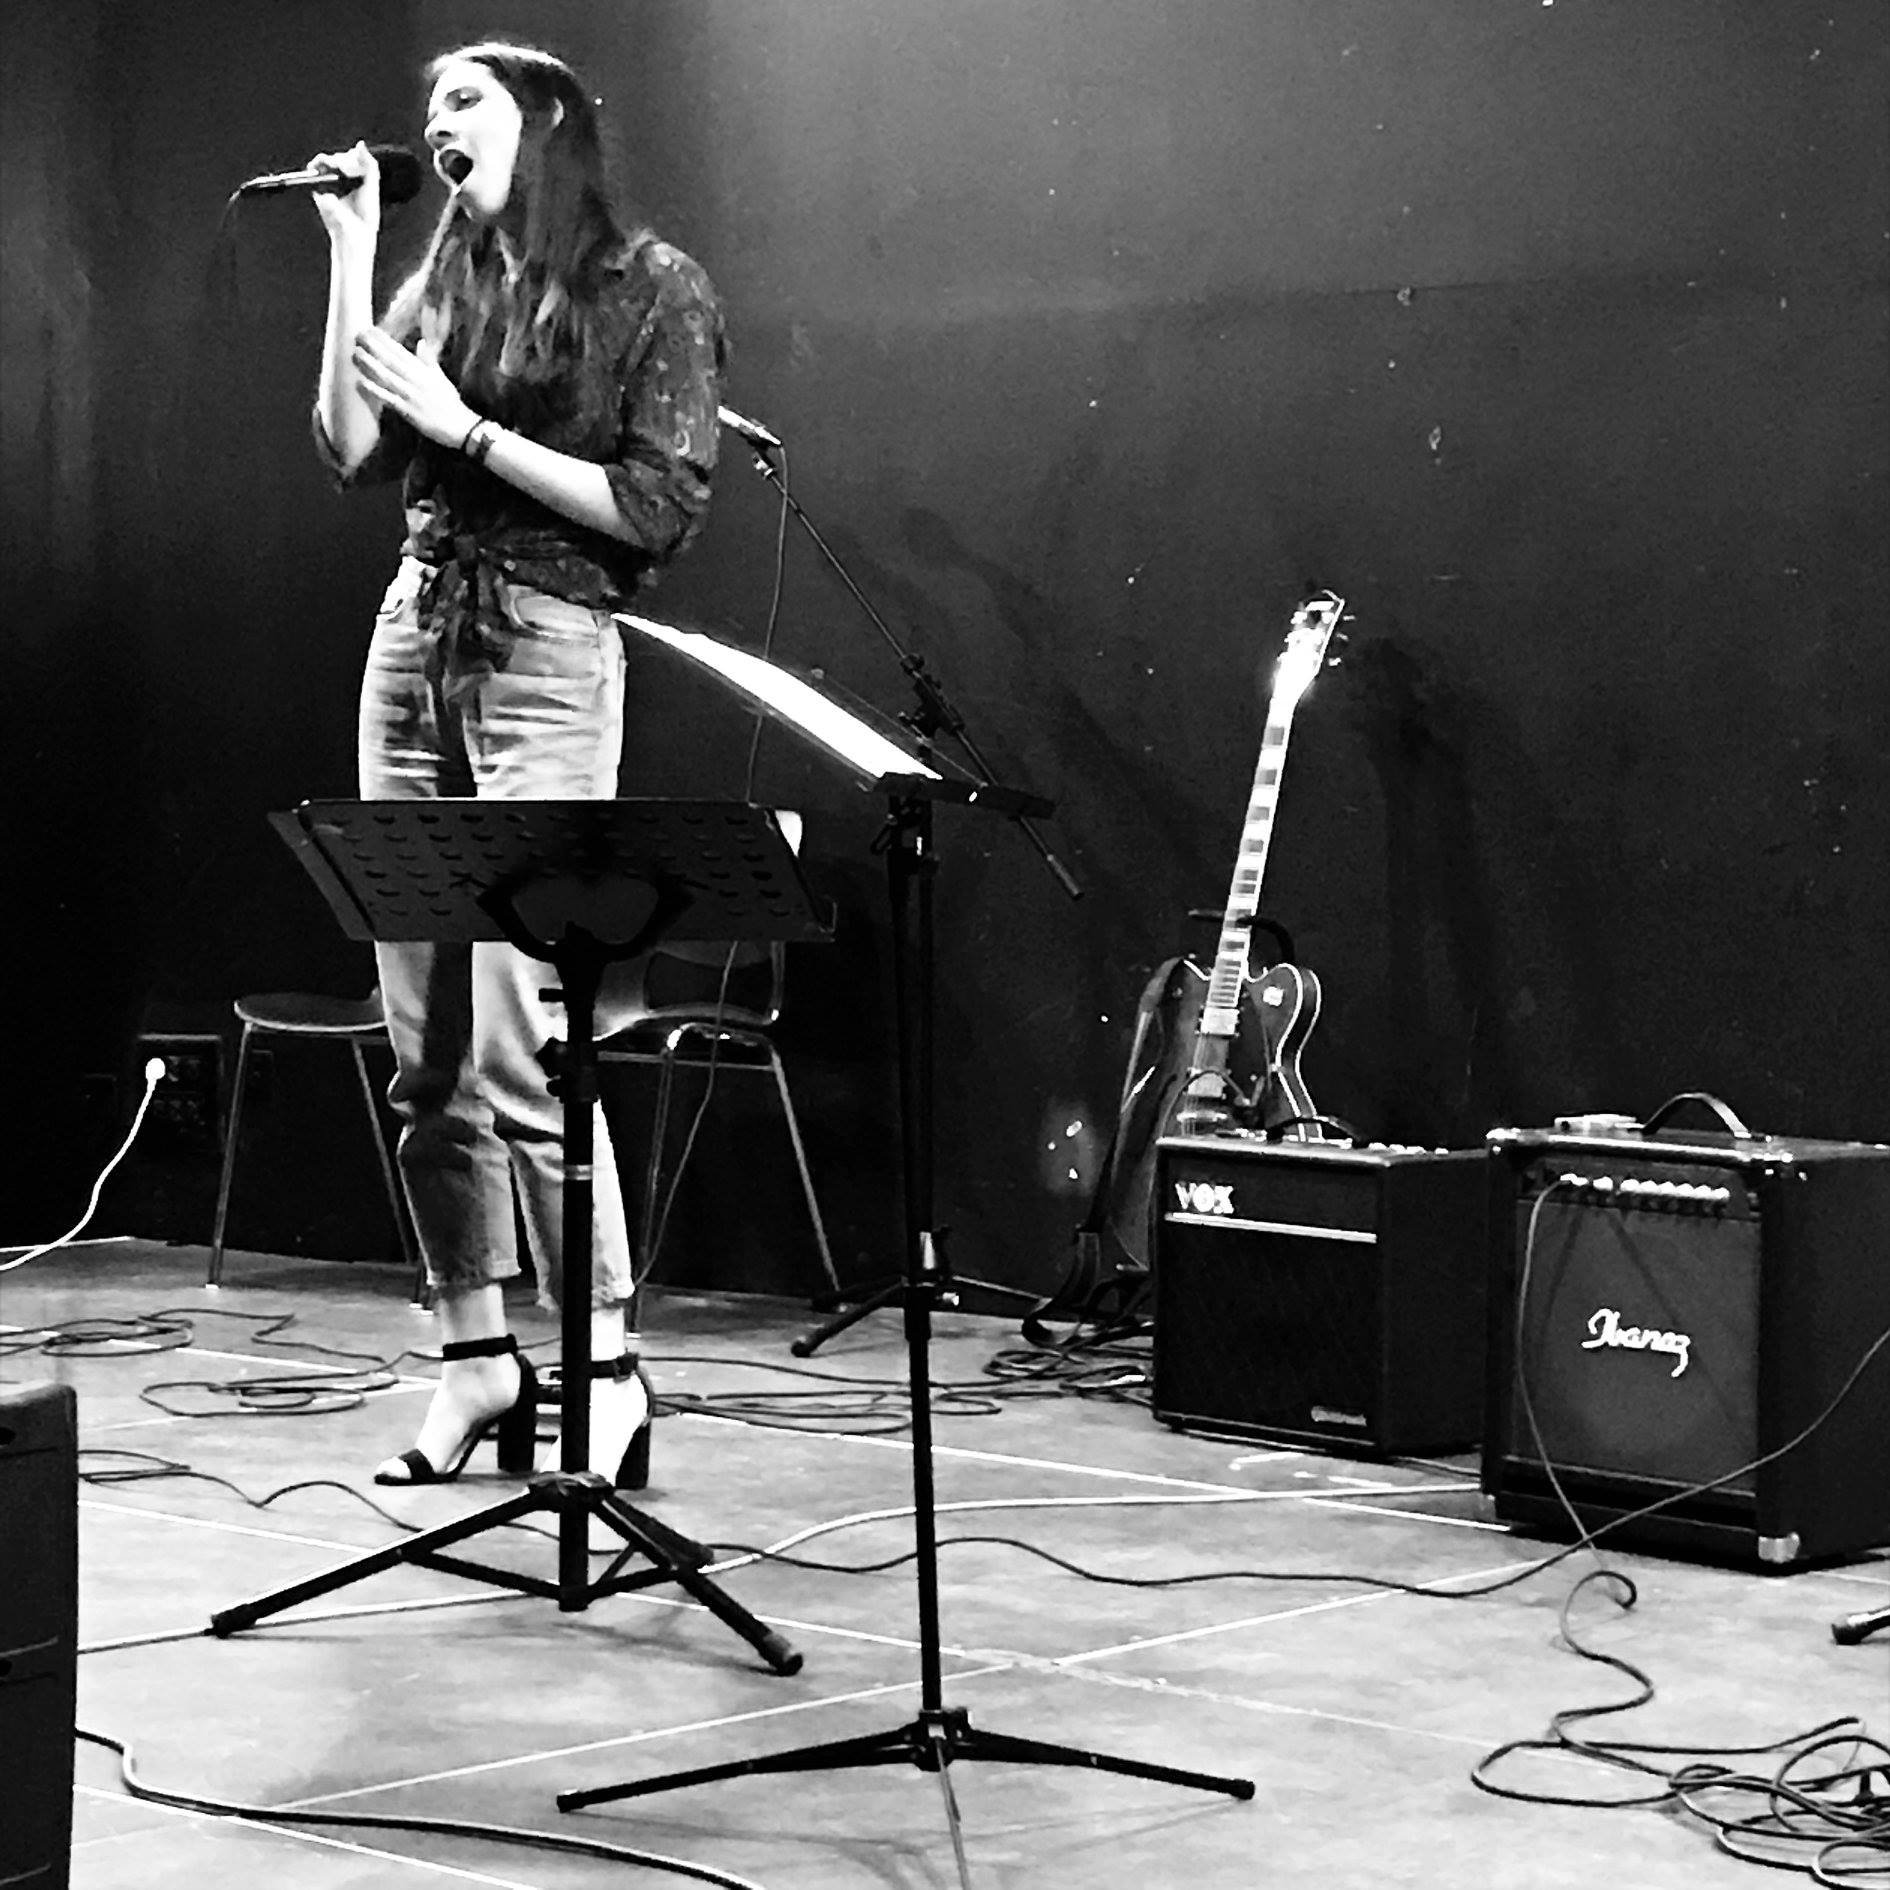 La chaîne Youtube Ecole de chant Nantes vous propose des extraits de concerts, des instrumentaux